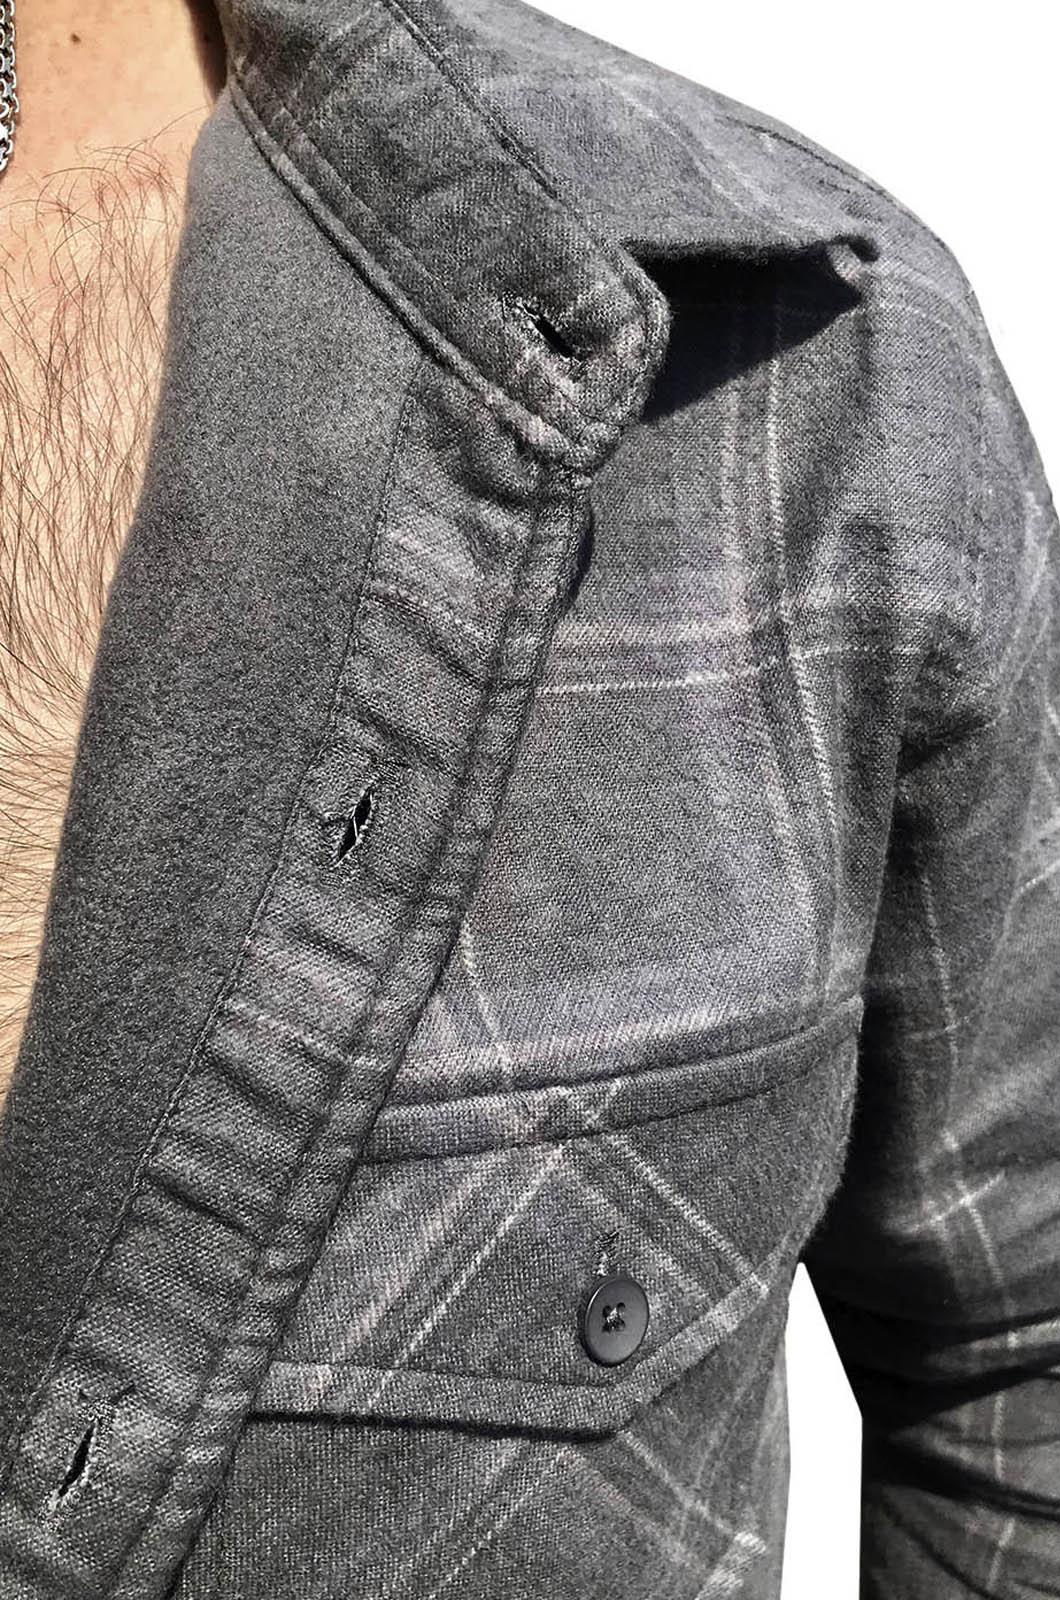 Мужская рубашка с вышитым шевроном 728 отдельный батальон связи 76 ДШД - купить с доставкой